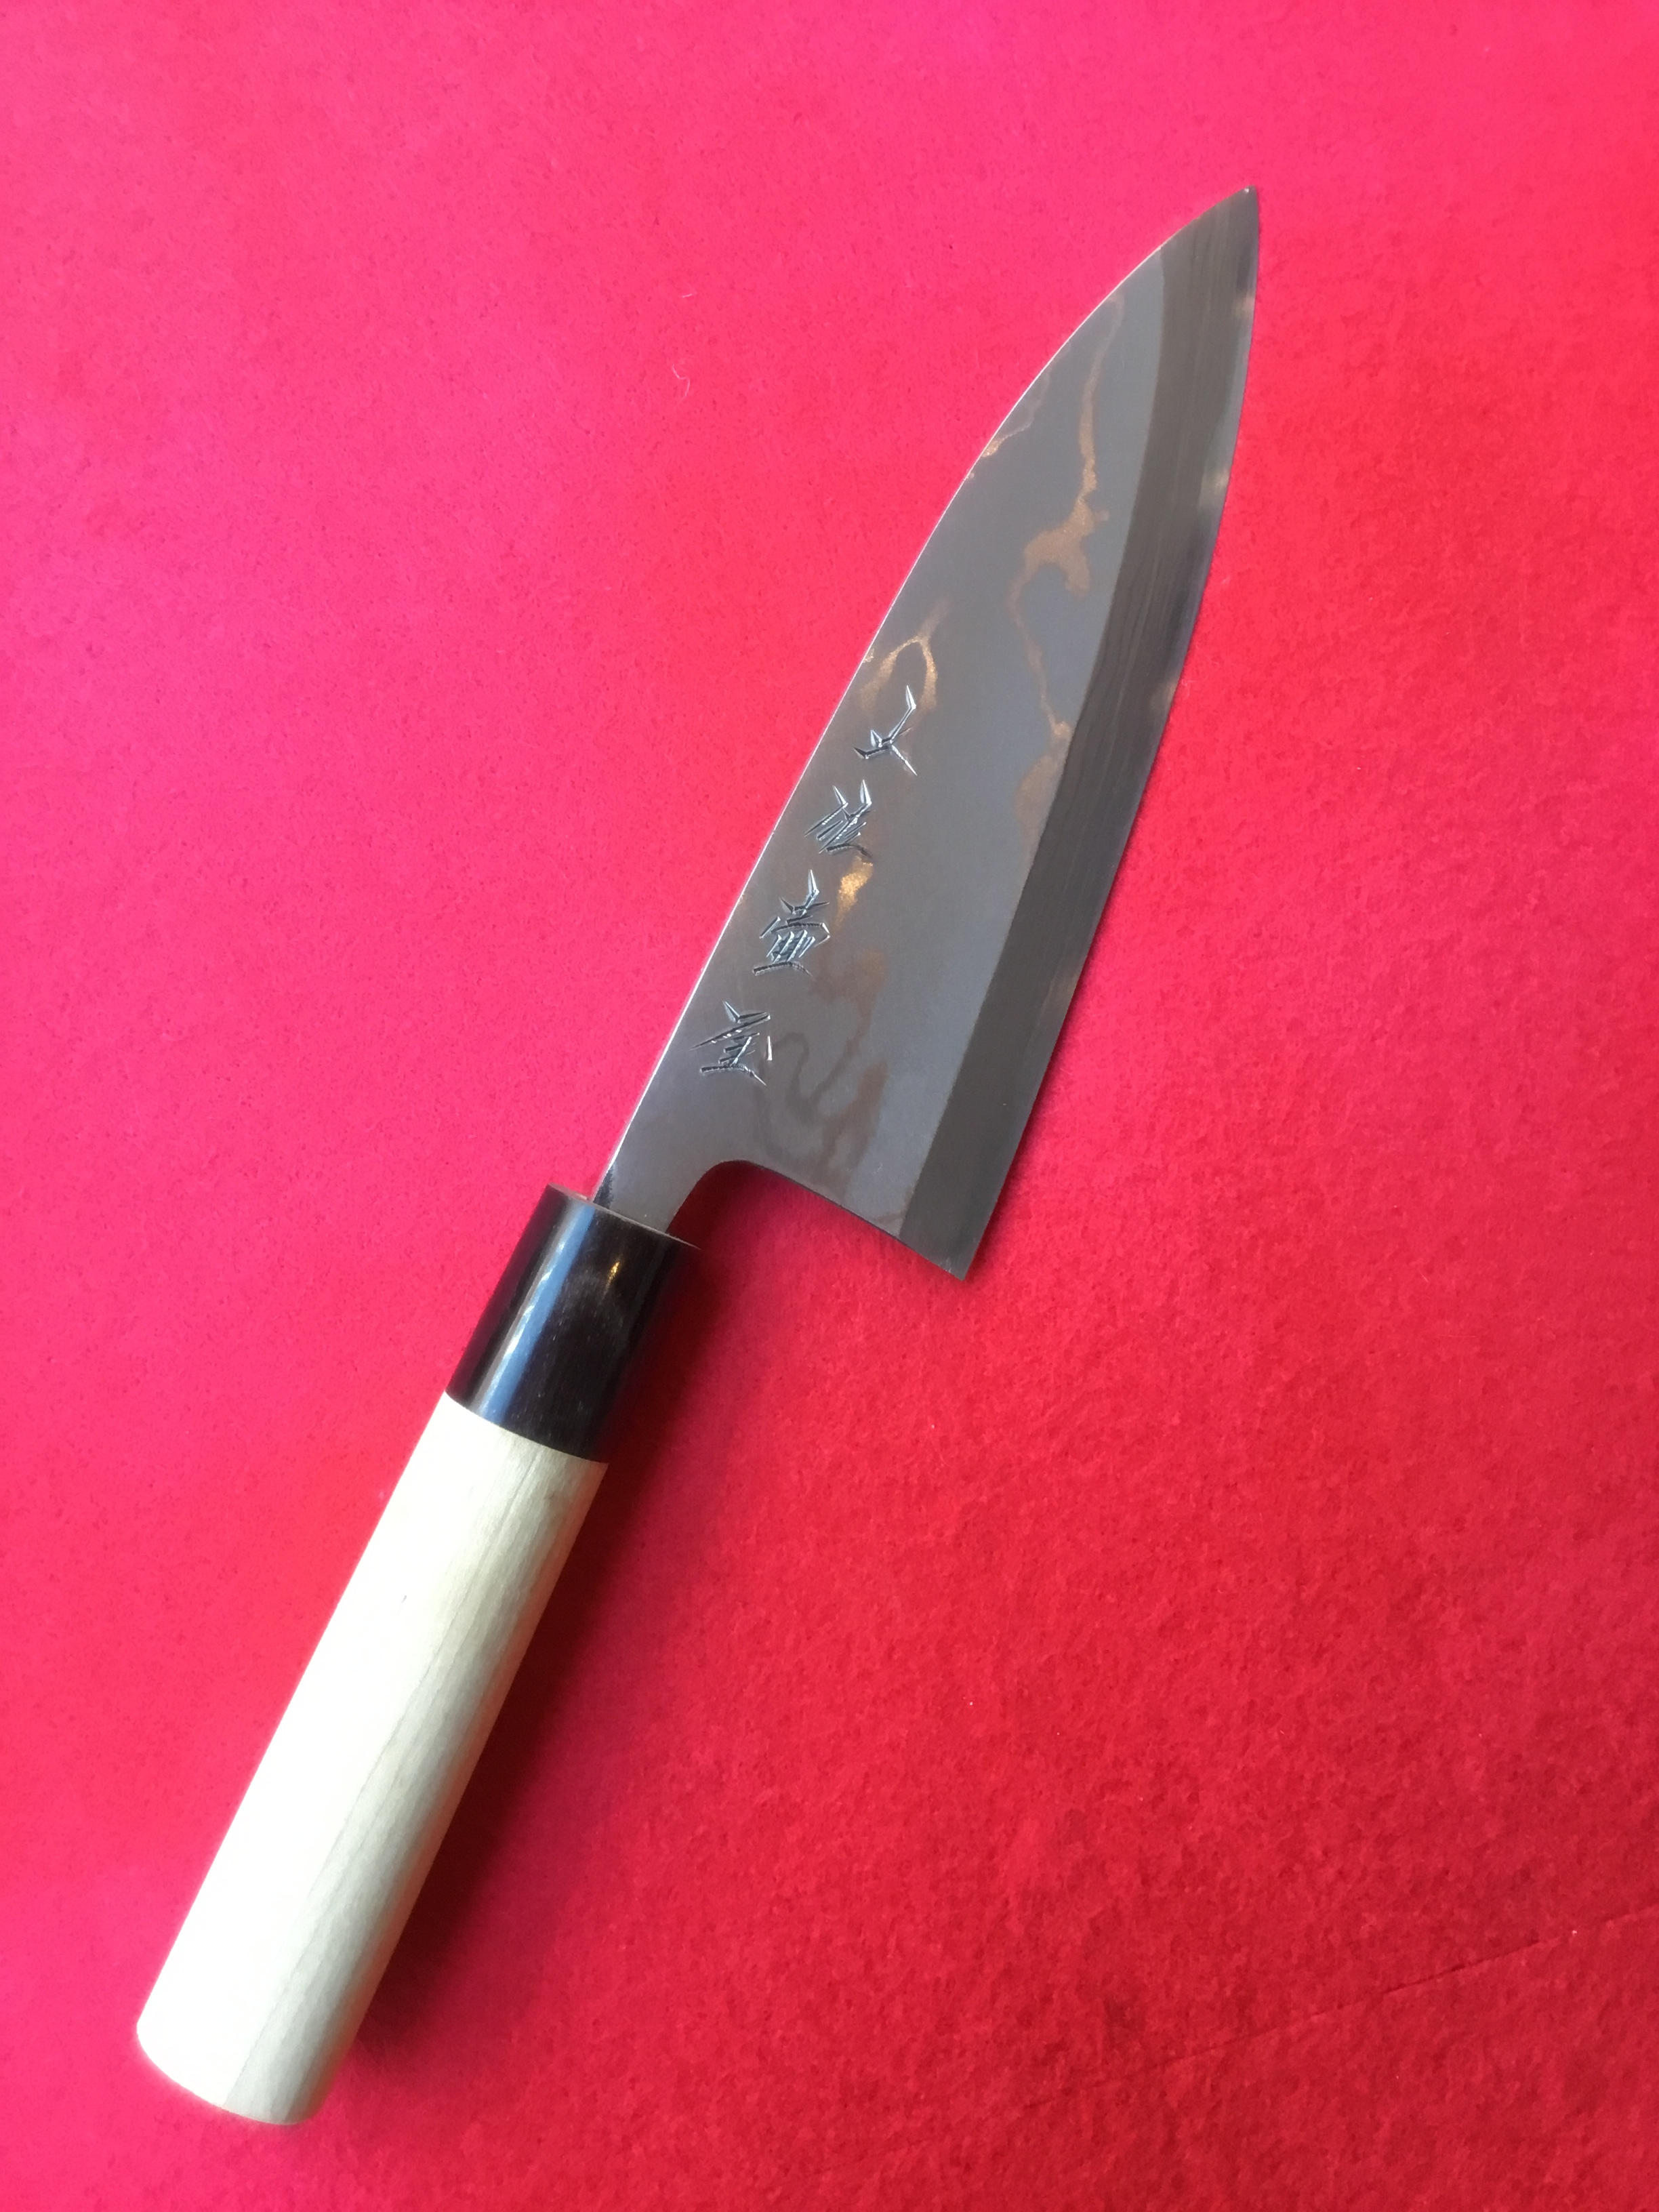 出刃包丁 多層鋼 5、5寸(安来青紙・片刃)